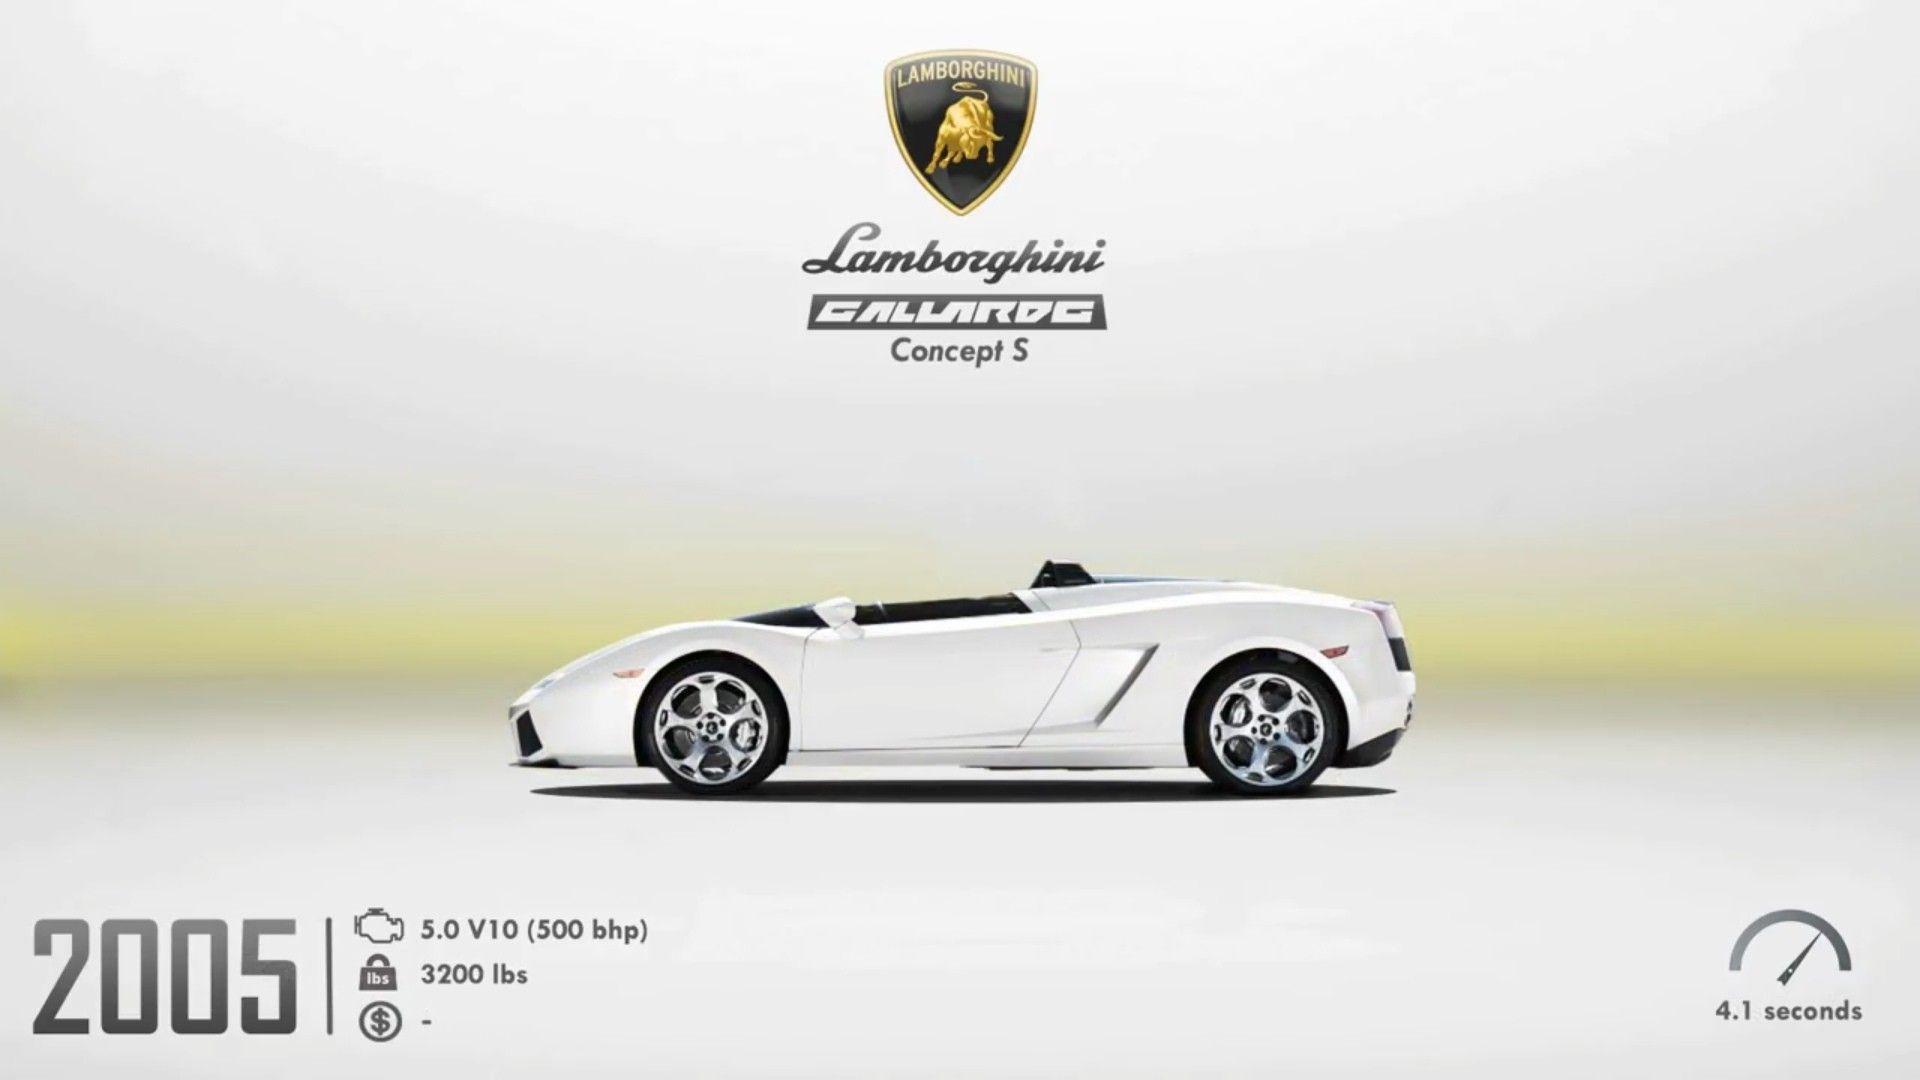 Lamborghini Gallardo Concept S Lamborghini Gallardo Lamborghini Lamborghini Huracan